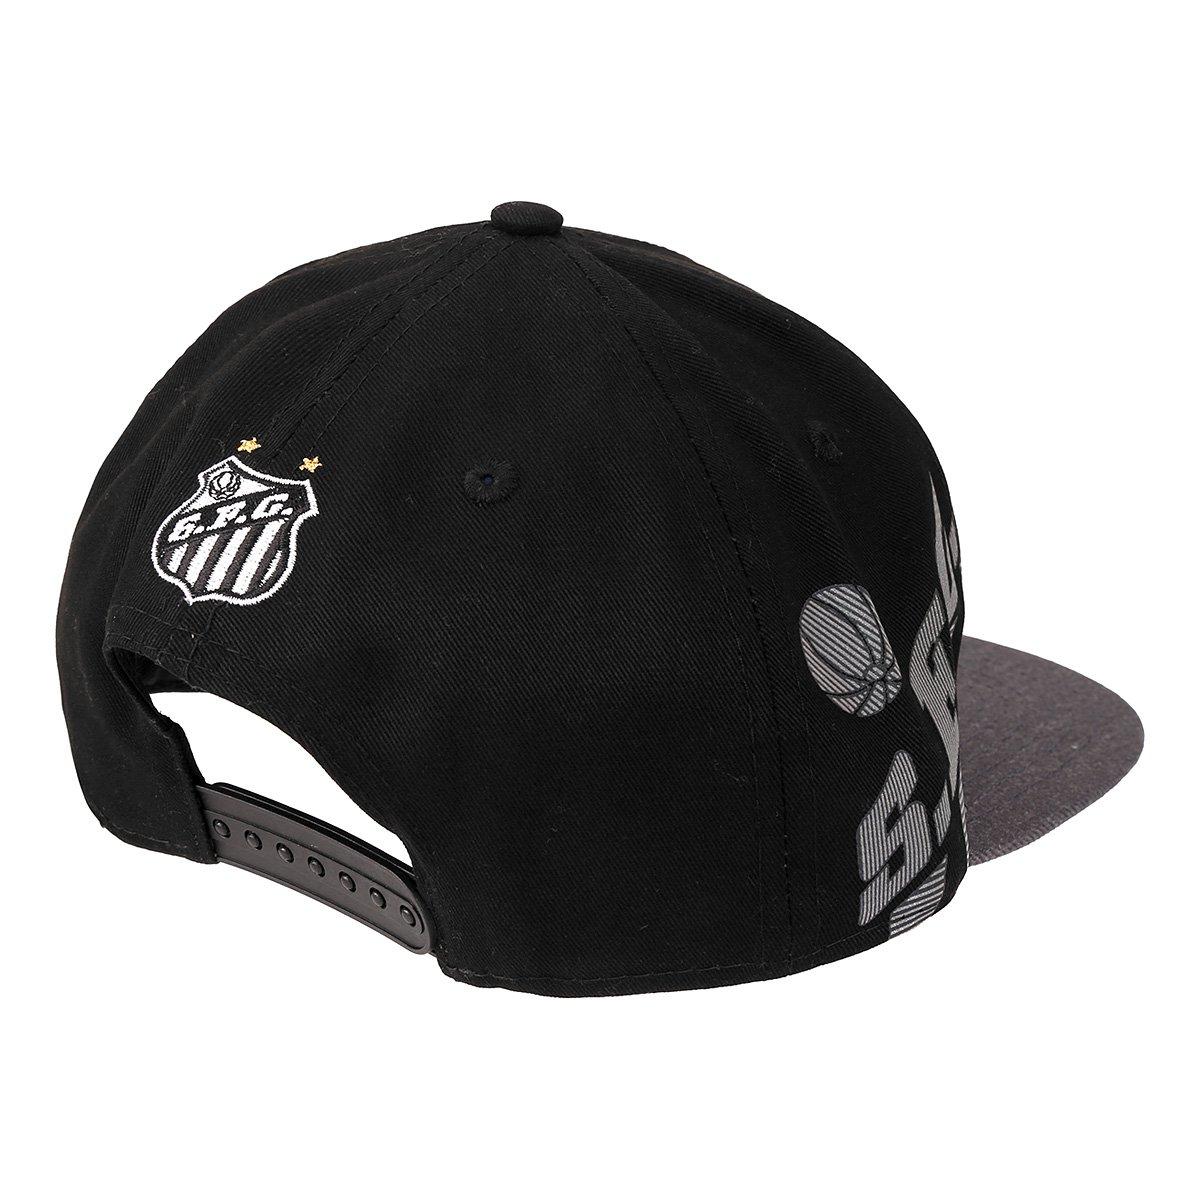 Boné New Era Santos Aba Reta Refletivo 950 OF SN - Compre Agora ... 0a157e32ea8